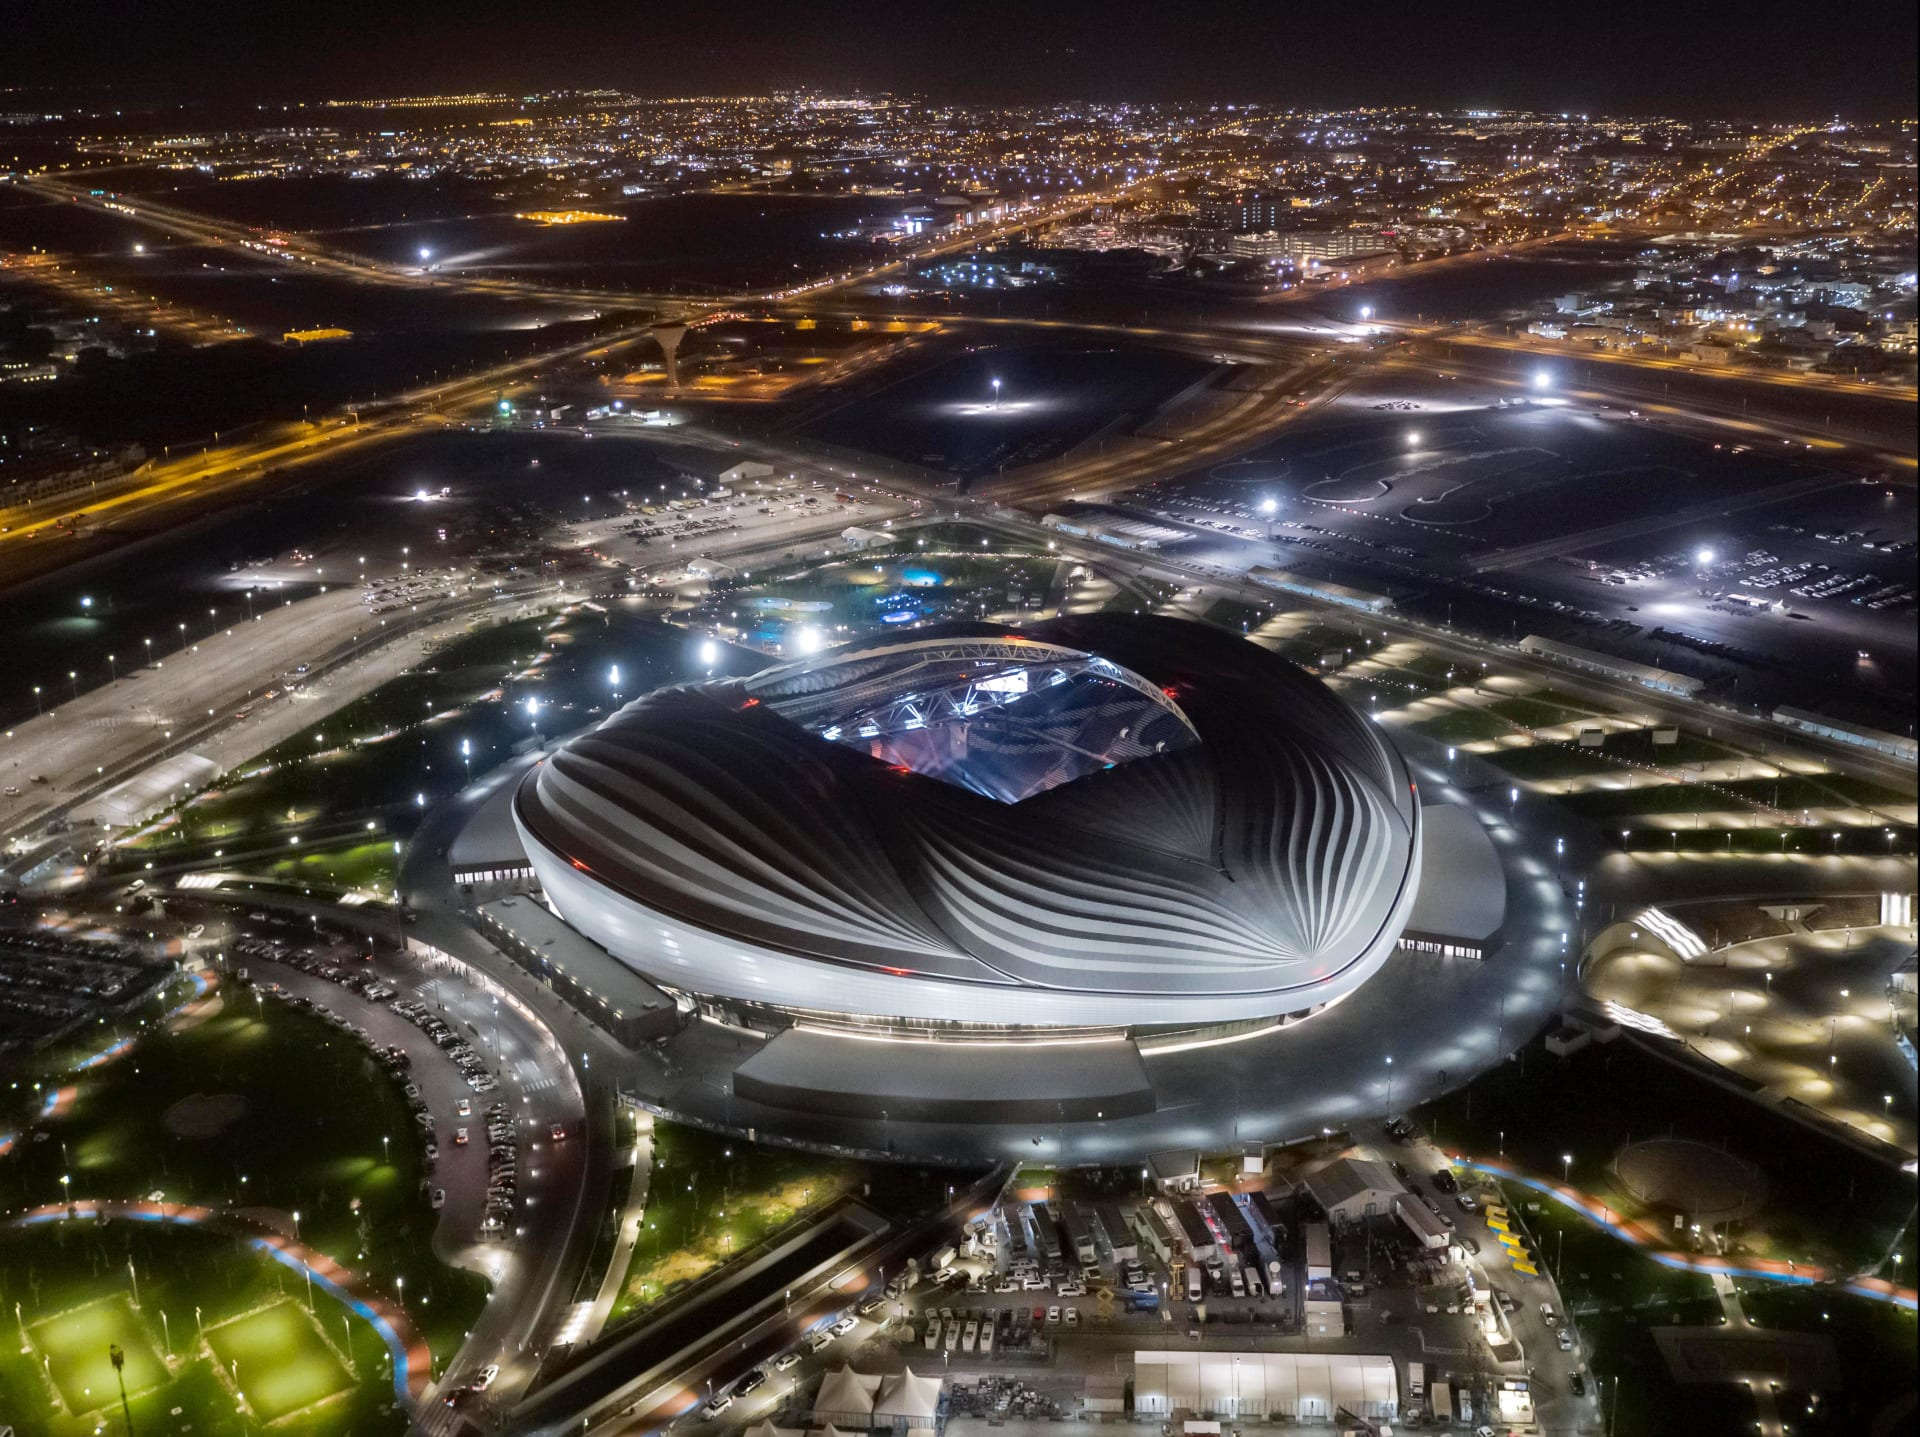 أمير قطر يفتتح استاد الوكرة استعدادا للمونديال.. ويشيد بالمعمارية زها حديد